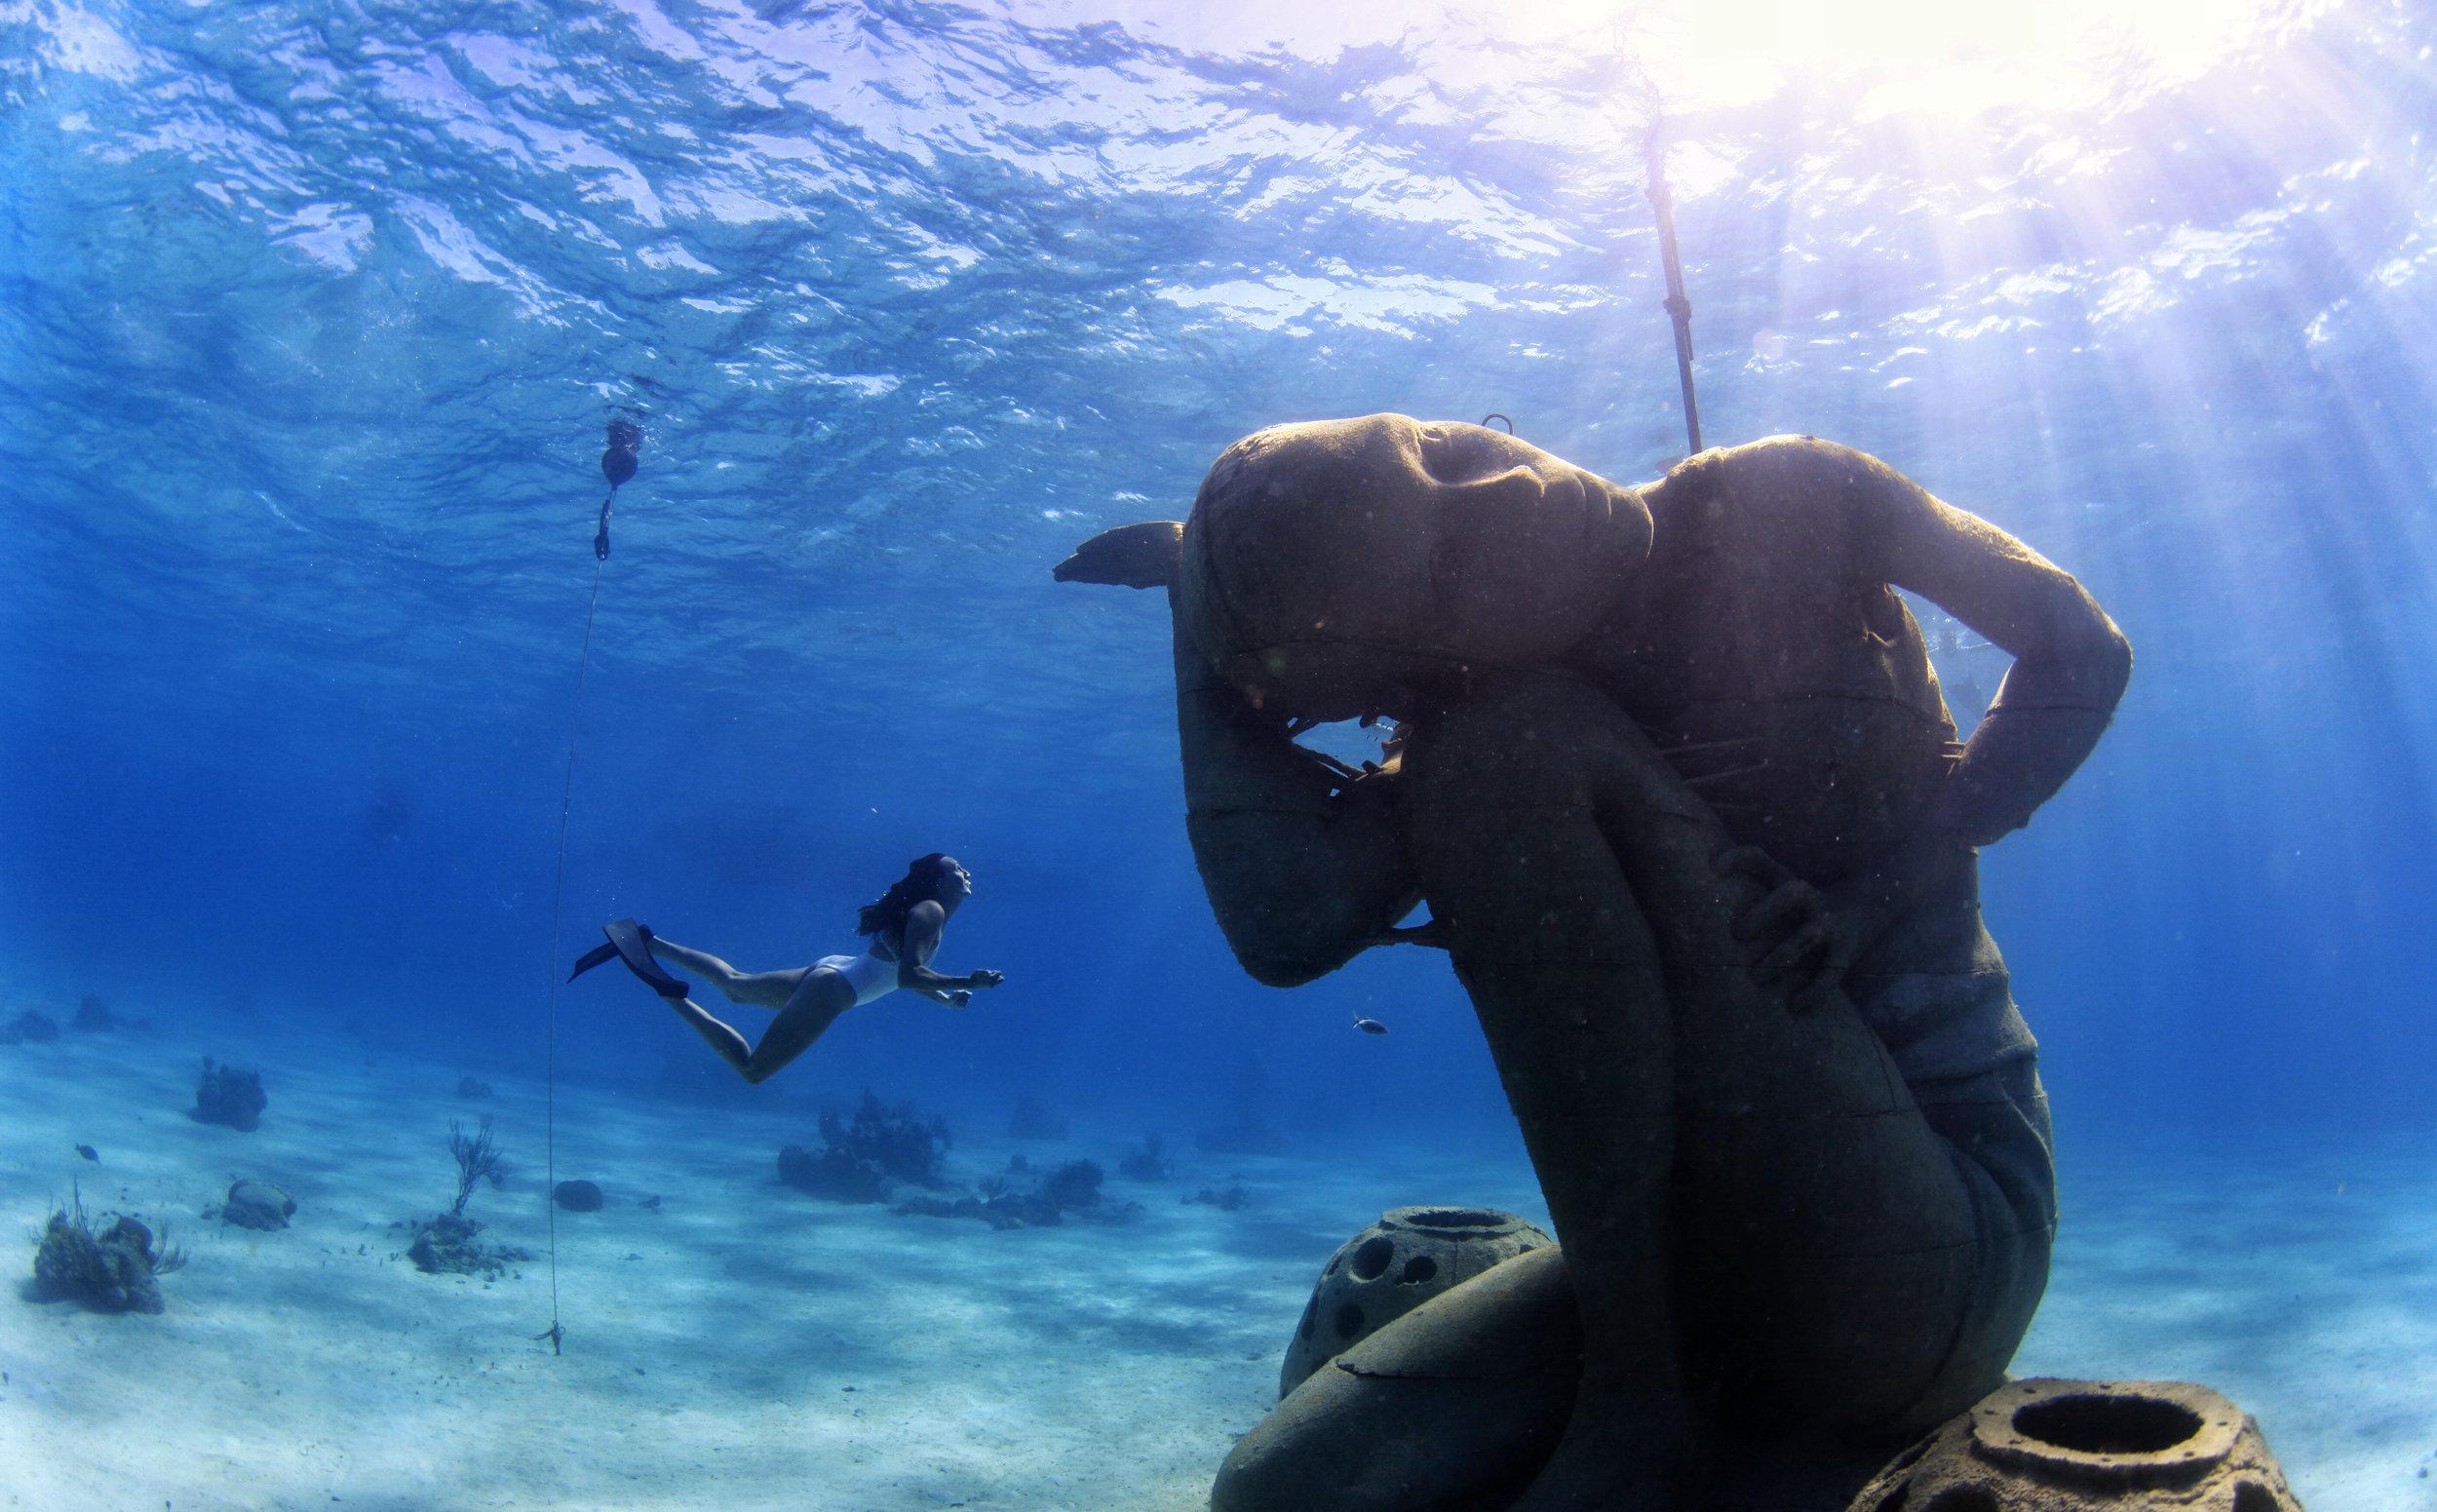 jason-decaires-taylor-Atlas-Yacht-sweet-escape-charter-dive-snorkle-activities-destinations-bahamas-luxury-eco-tourism